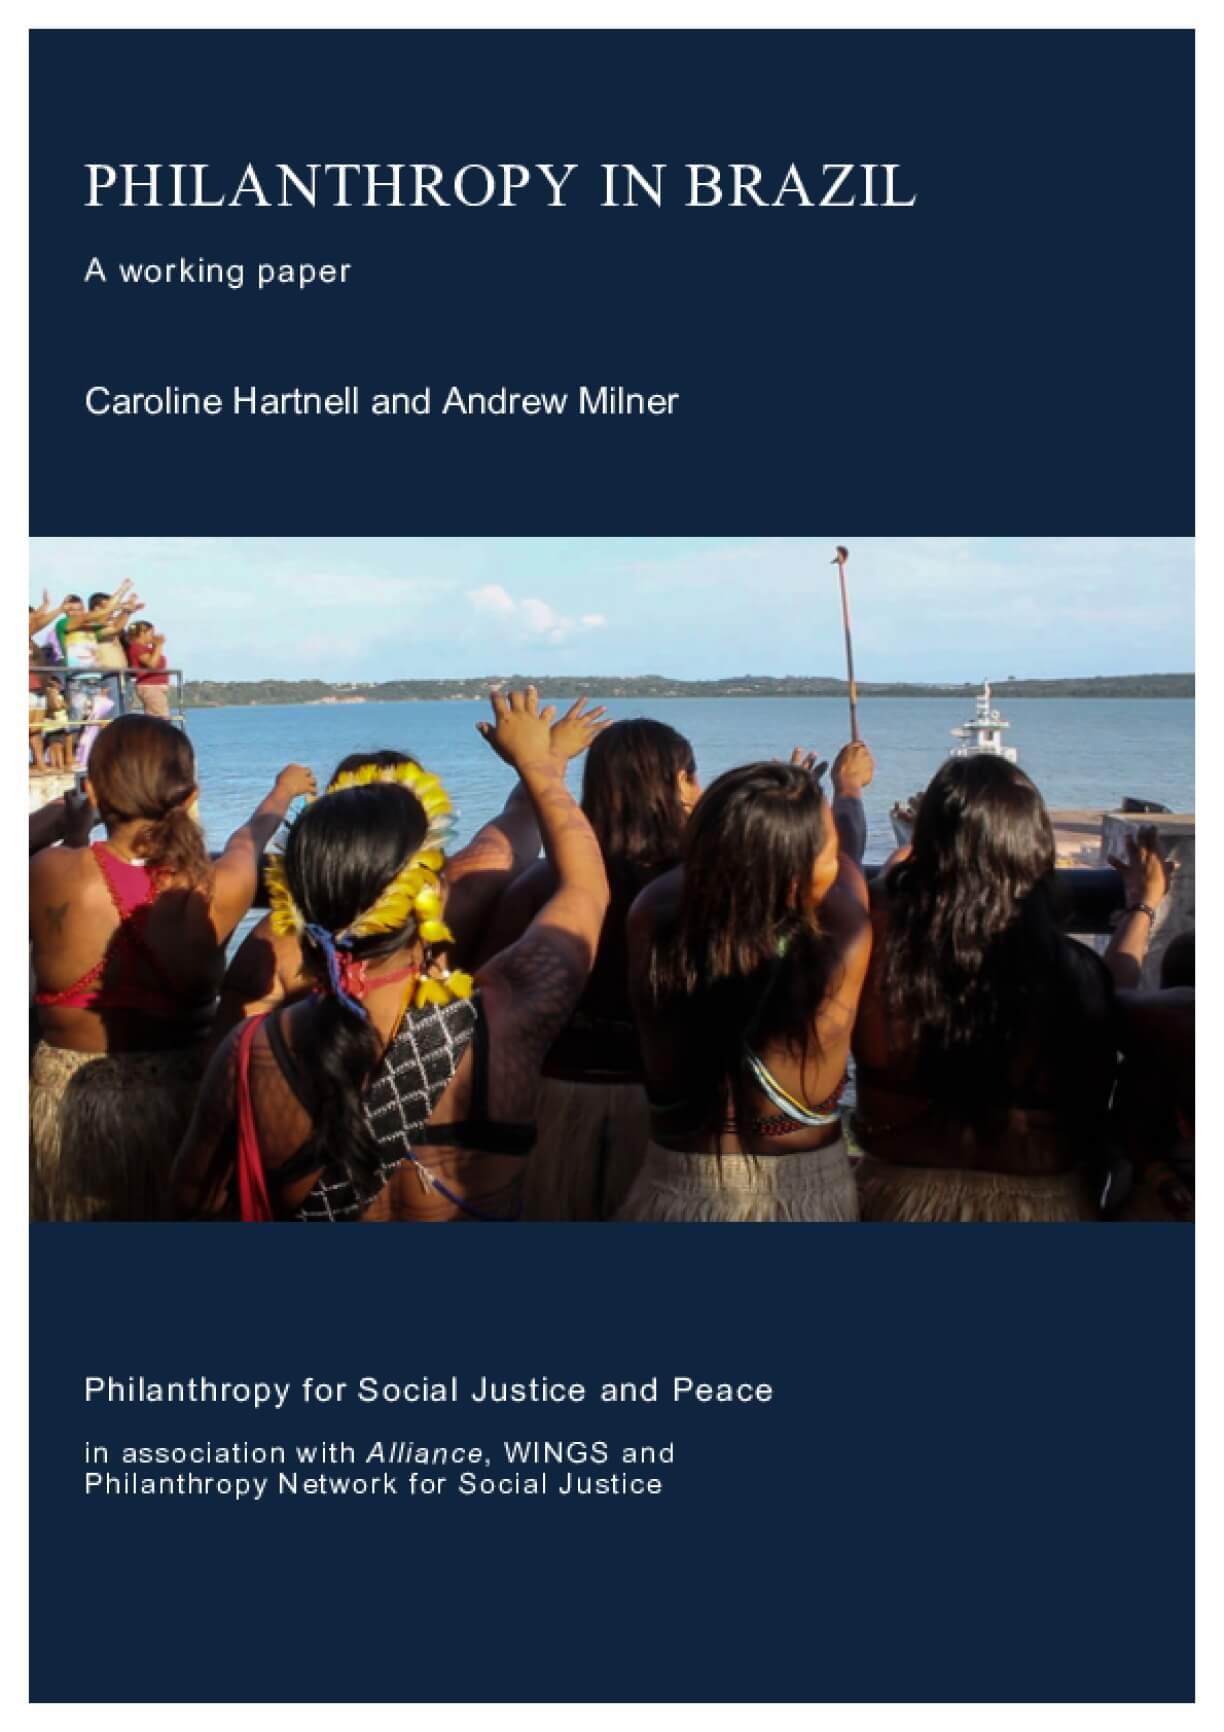 Philanthropy in Brazil Report